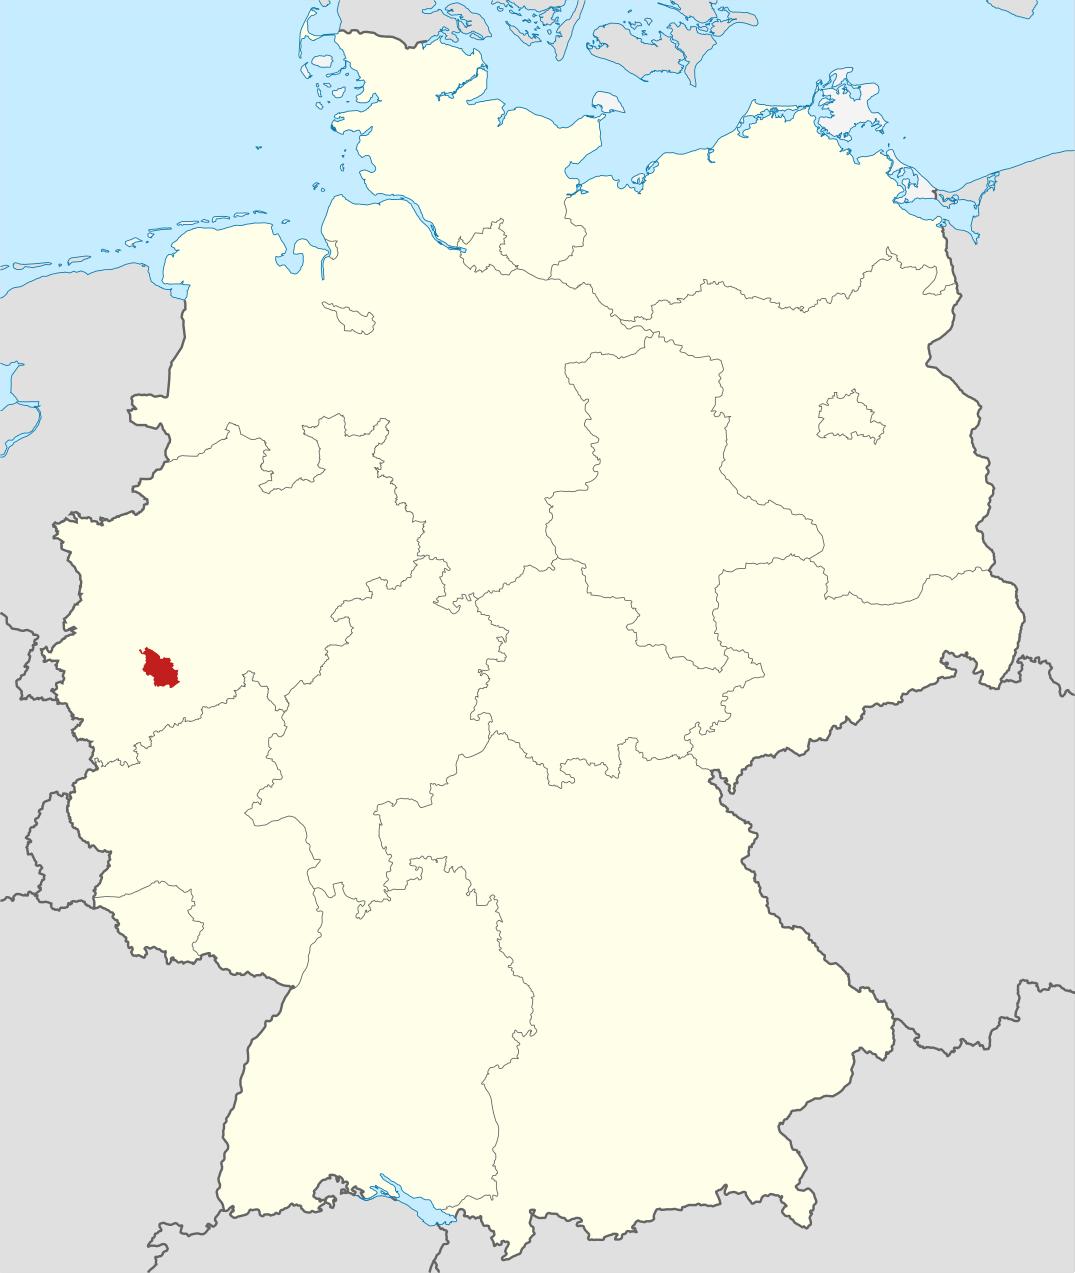 köln deutschland karte Deutschlandkarte, Position der Stadt Köln hervorgehoben